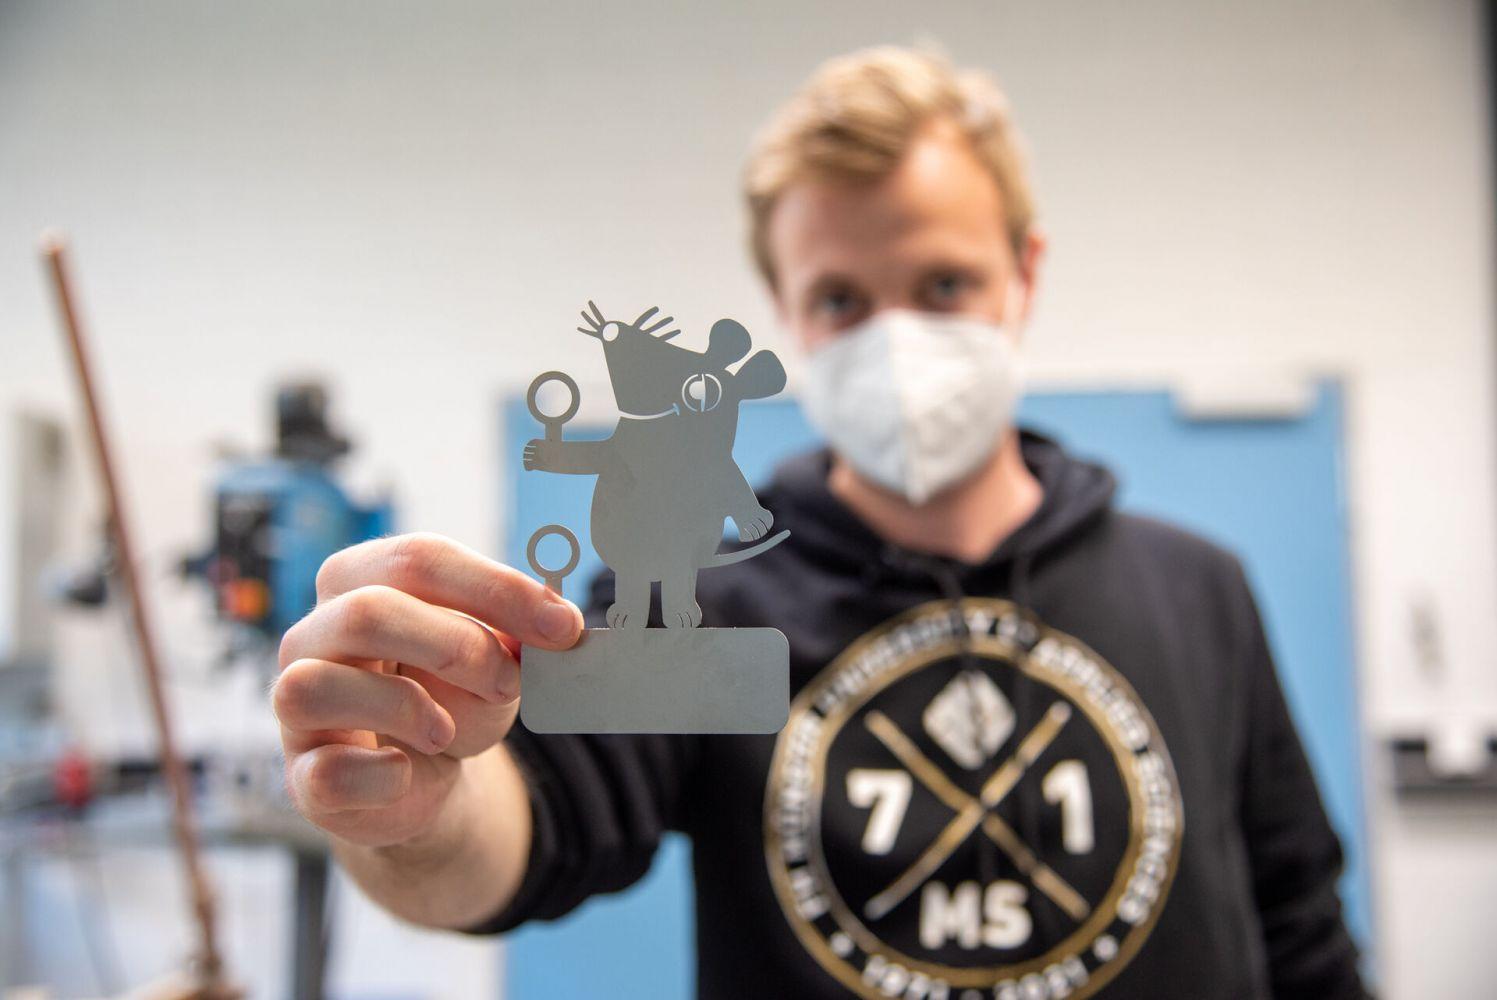 Mitarbeiter des Laserzentrums hält eine Maus aus Metall ins Bild.